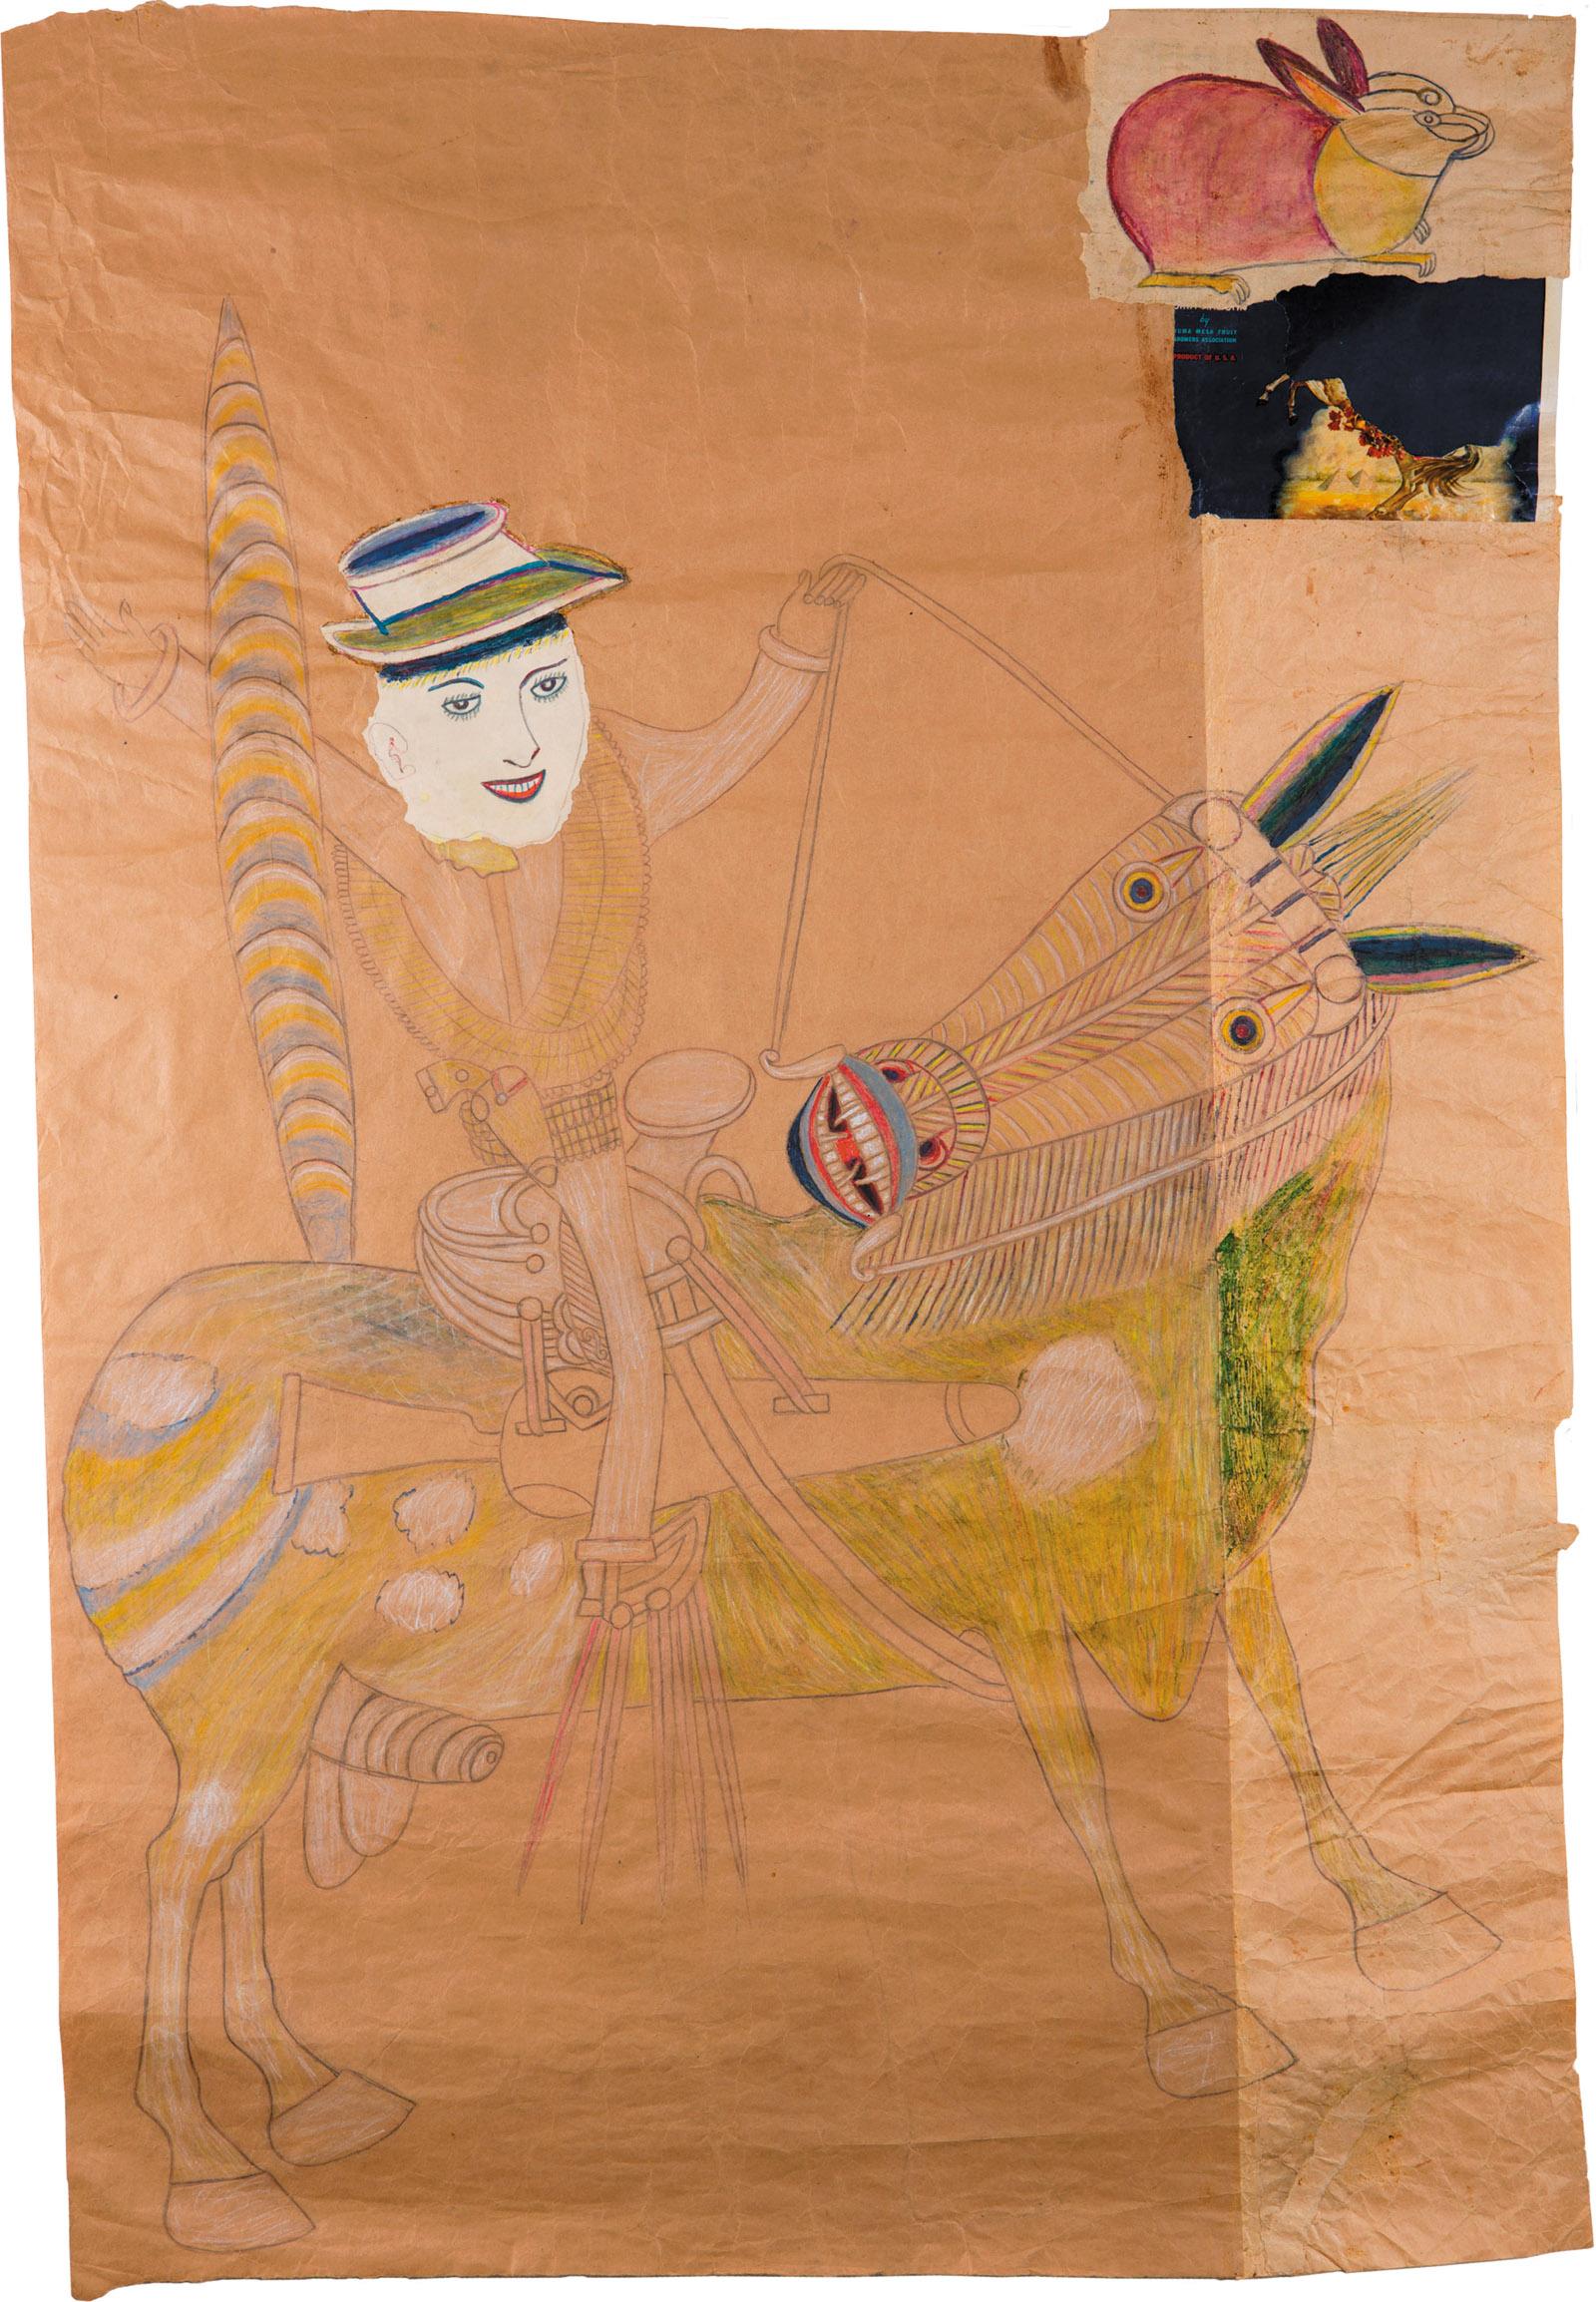 Martín Ramírez: Untitled, 45 1/2 x 31 inches, circa 1948–1952